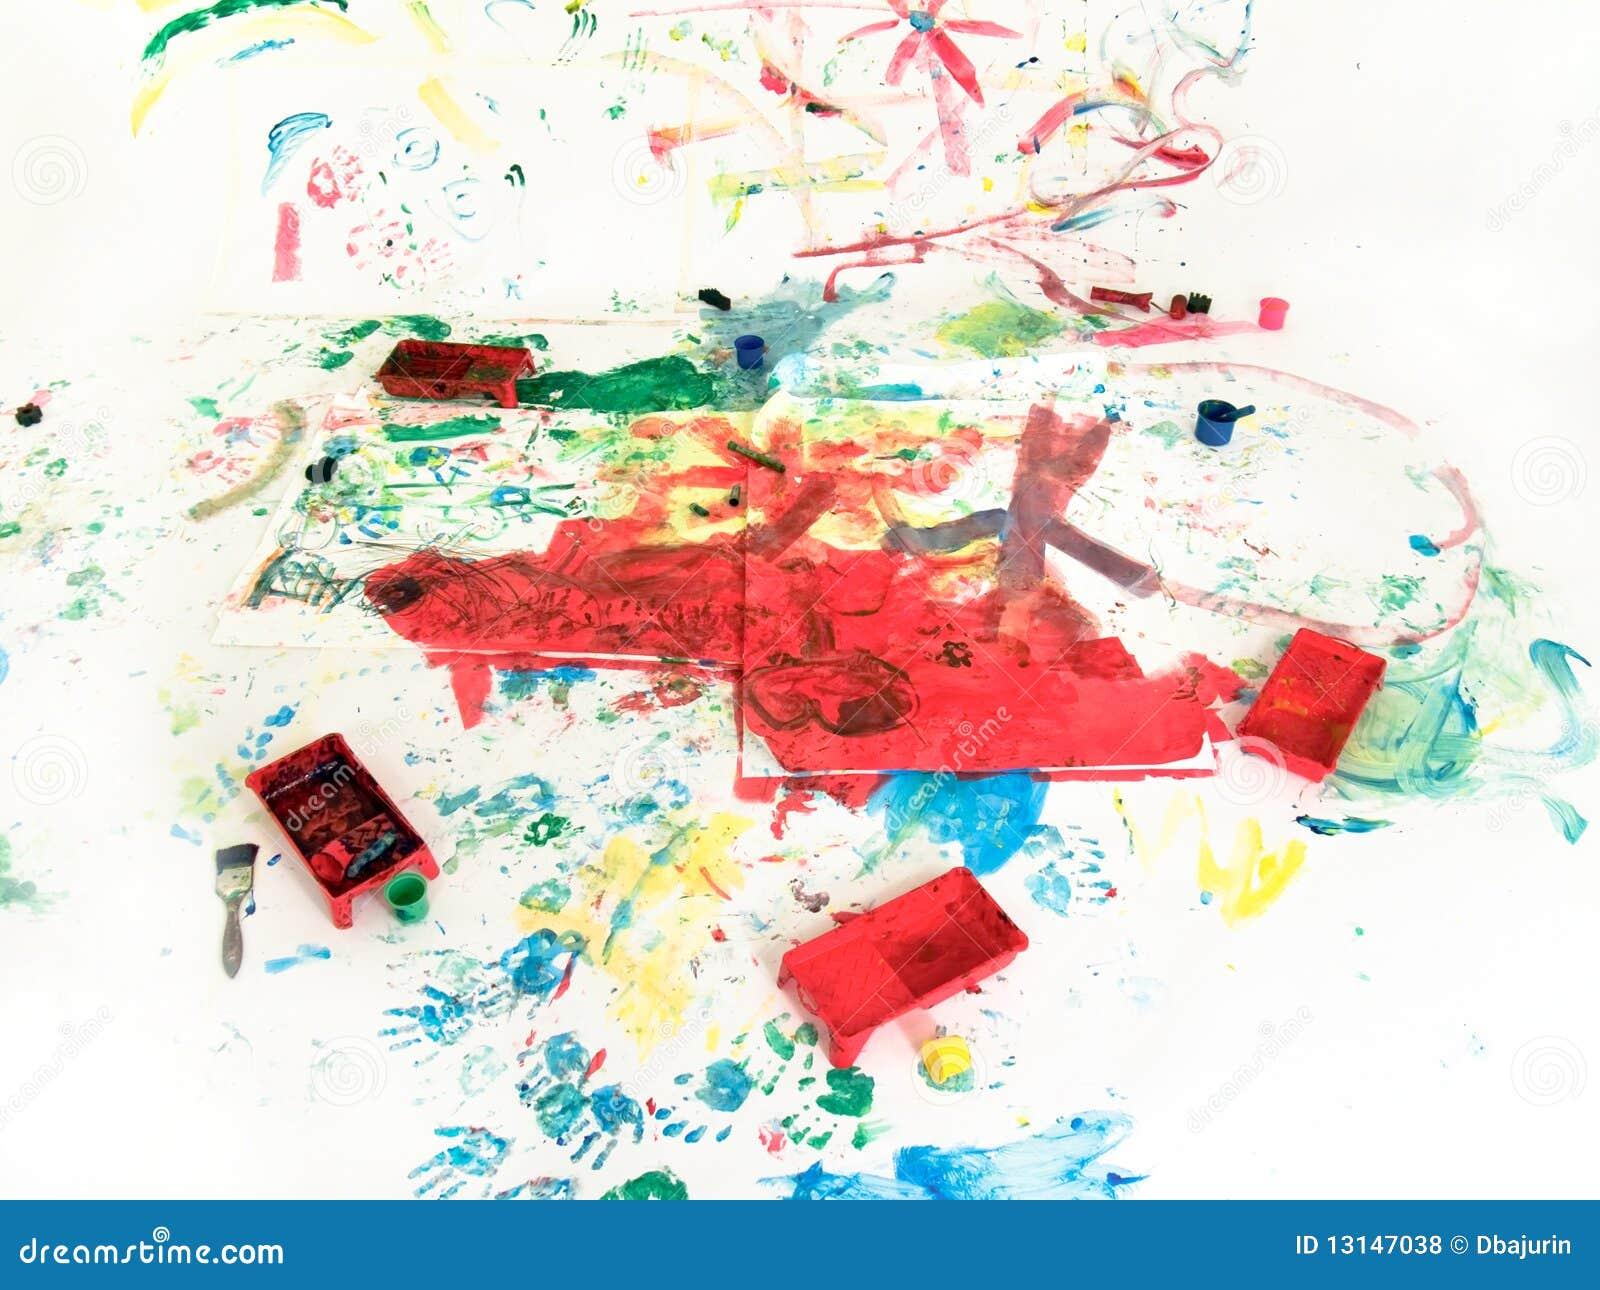 Cour de jeu de peinture de main d 39 enfants photos libres de droits image 13147038 - Peinture main enfant ...